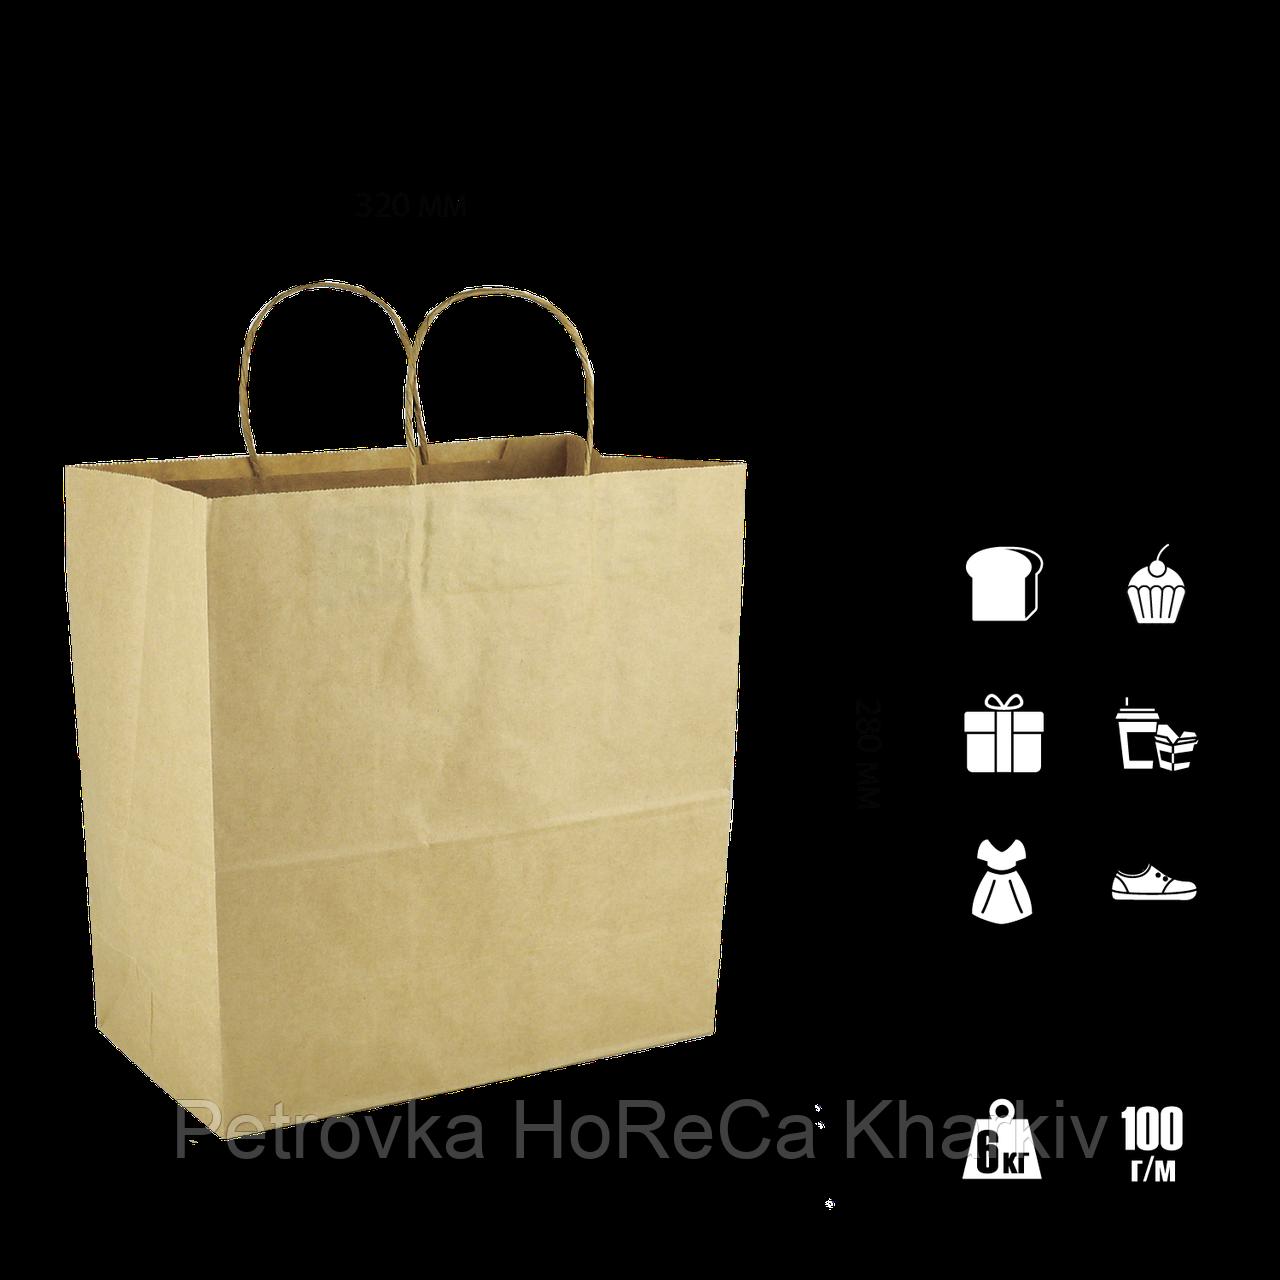 Бумажный пакет крафтовый с кручеными ручками 320*160*280мм (Ш.Г.В) Пл 100г Нагр 6кг (1072)